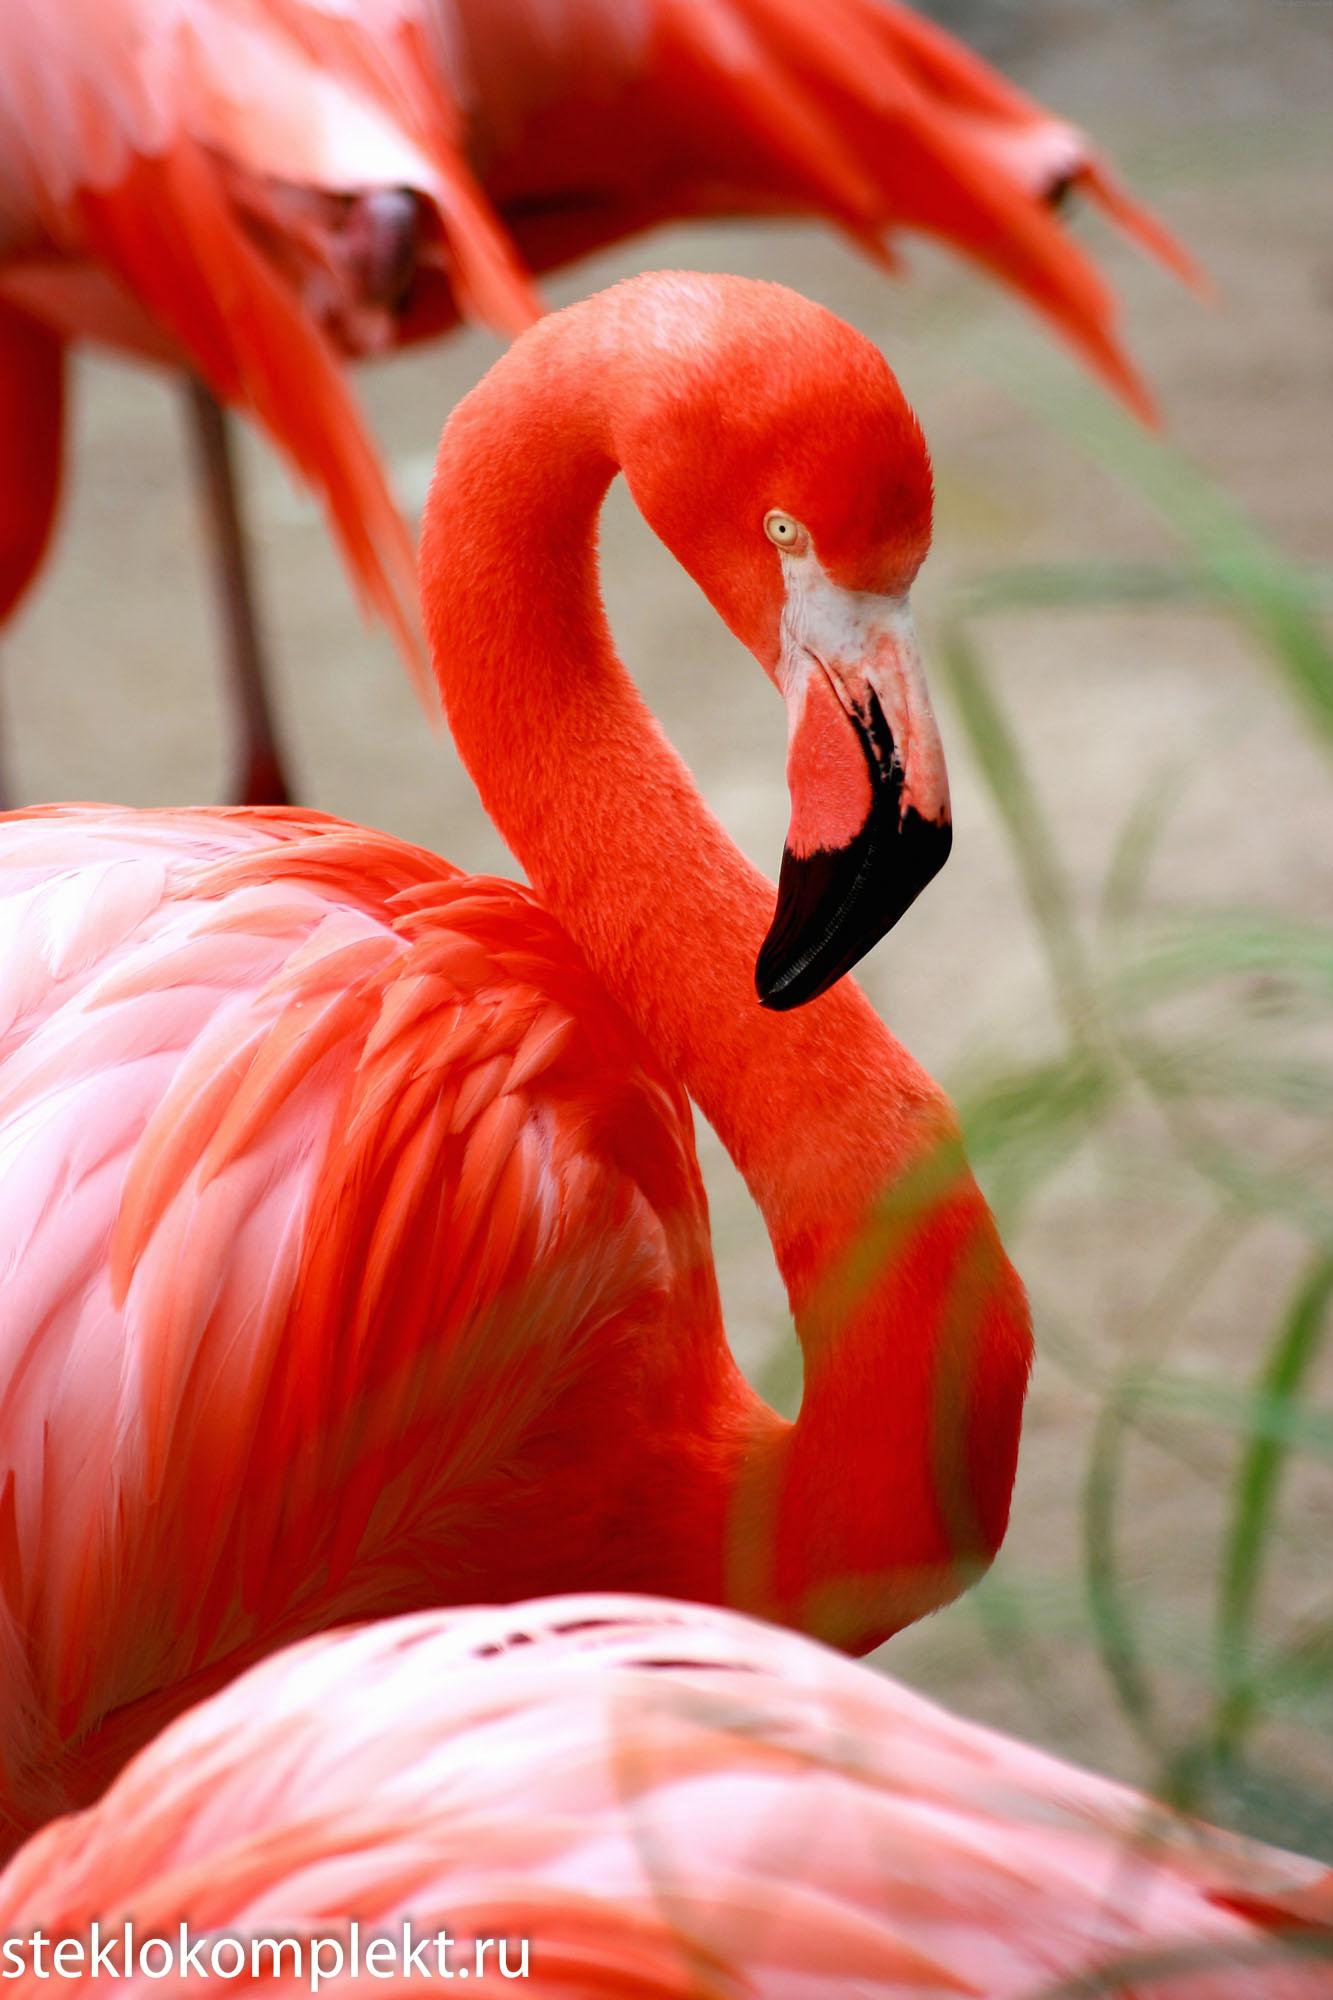 Розовый фламинго производил транссексуал 11 фотография